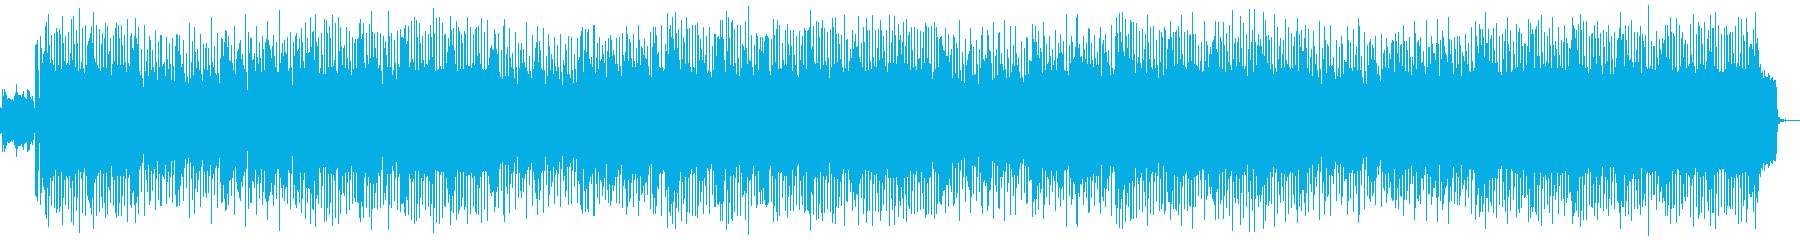 明るい80年代シンセポップ風BGMの再生済みの波形